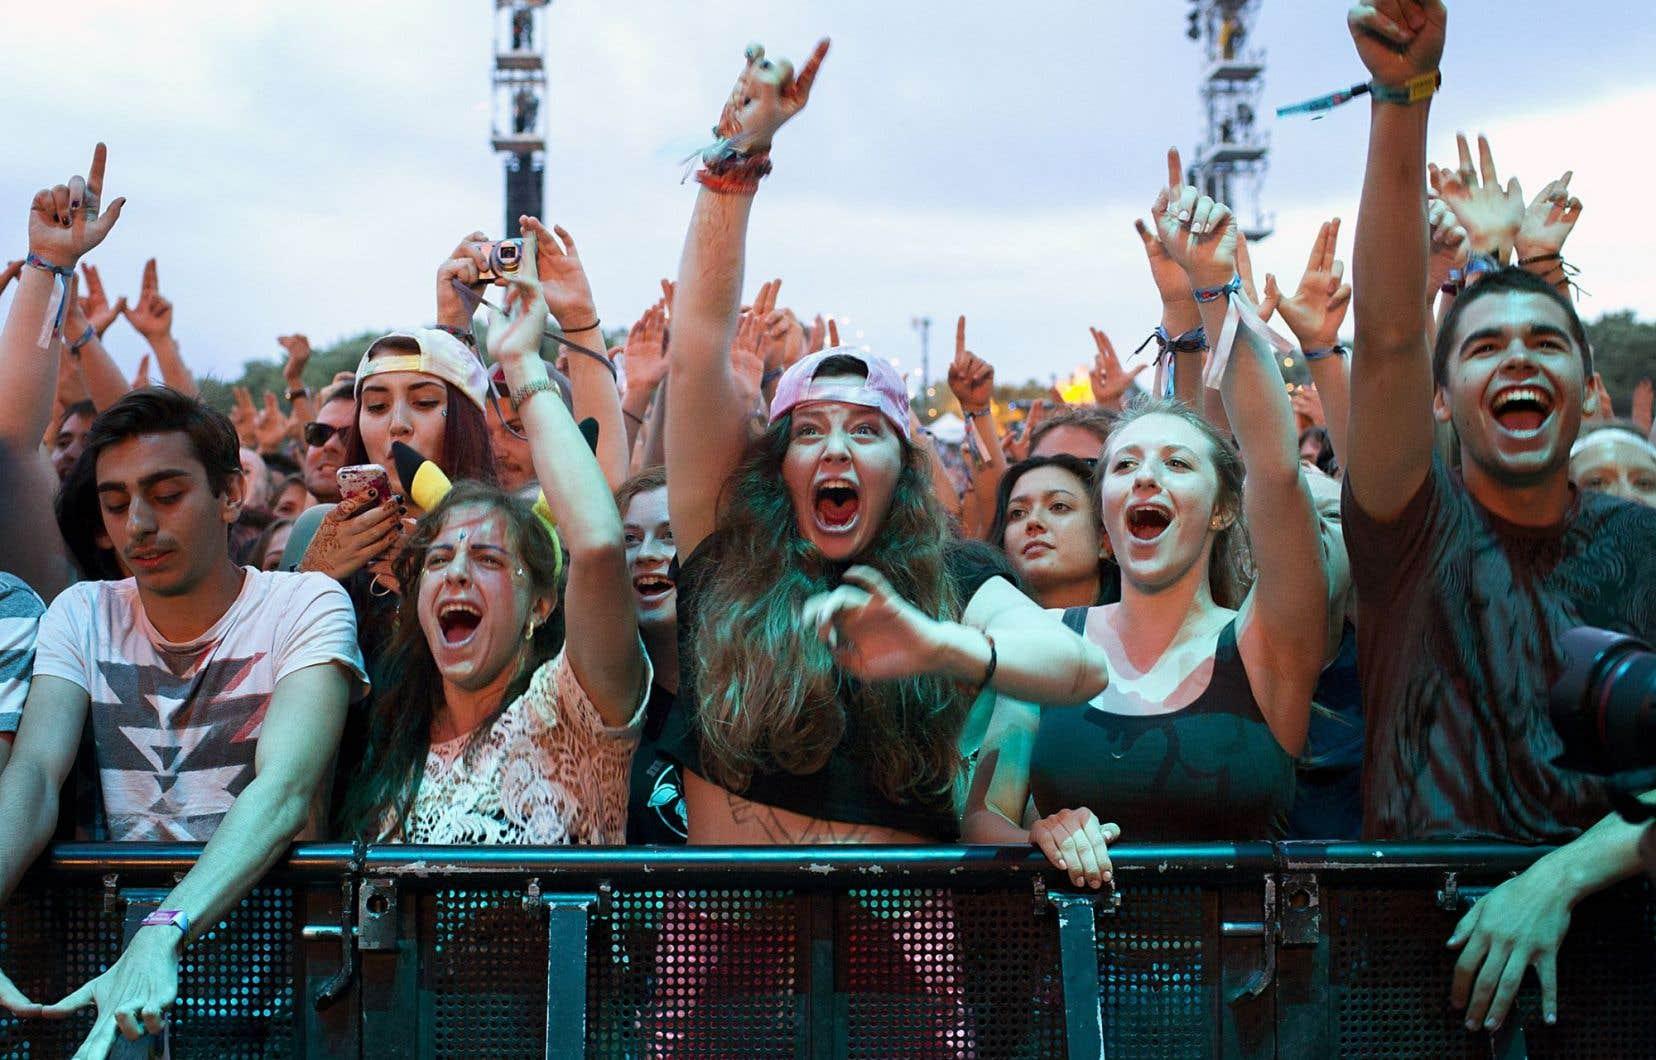 Pour cette 10eédition, le festival Osheaga a attiré 135000 festivaliers.